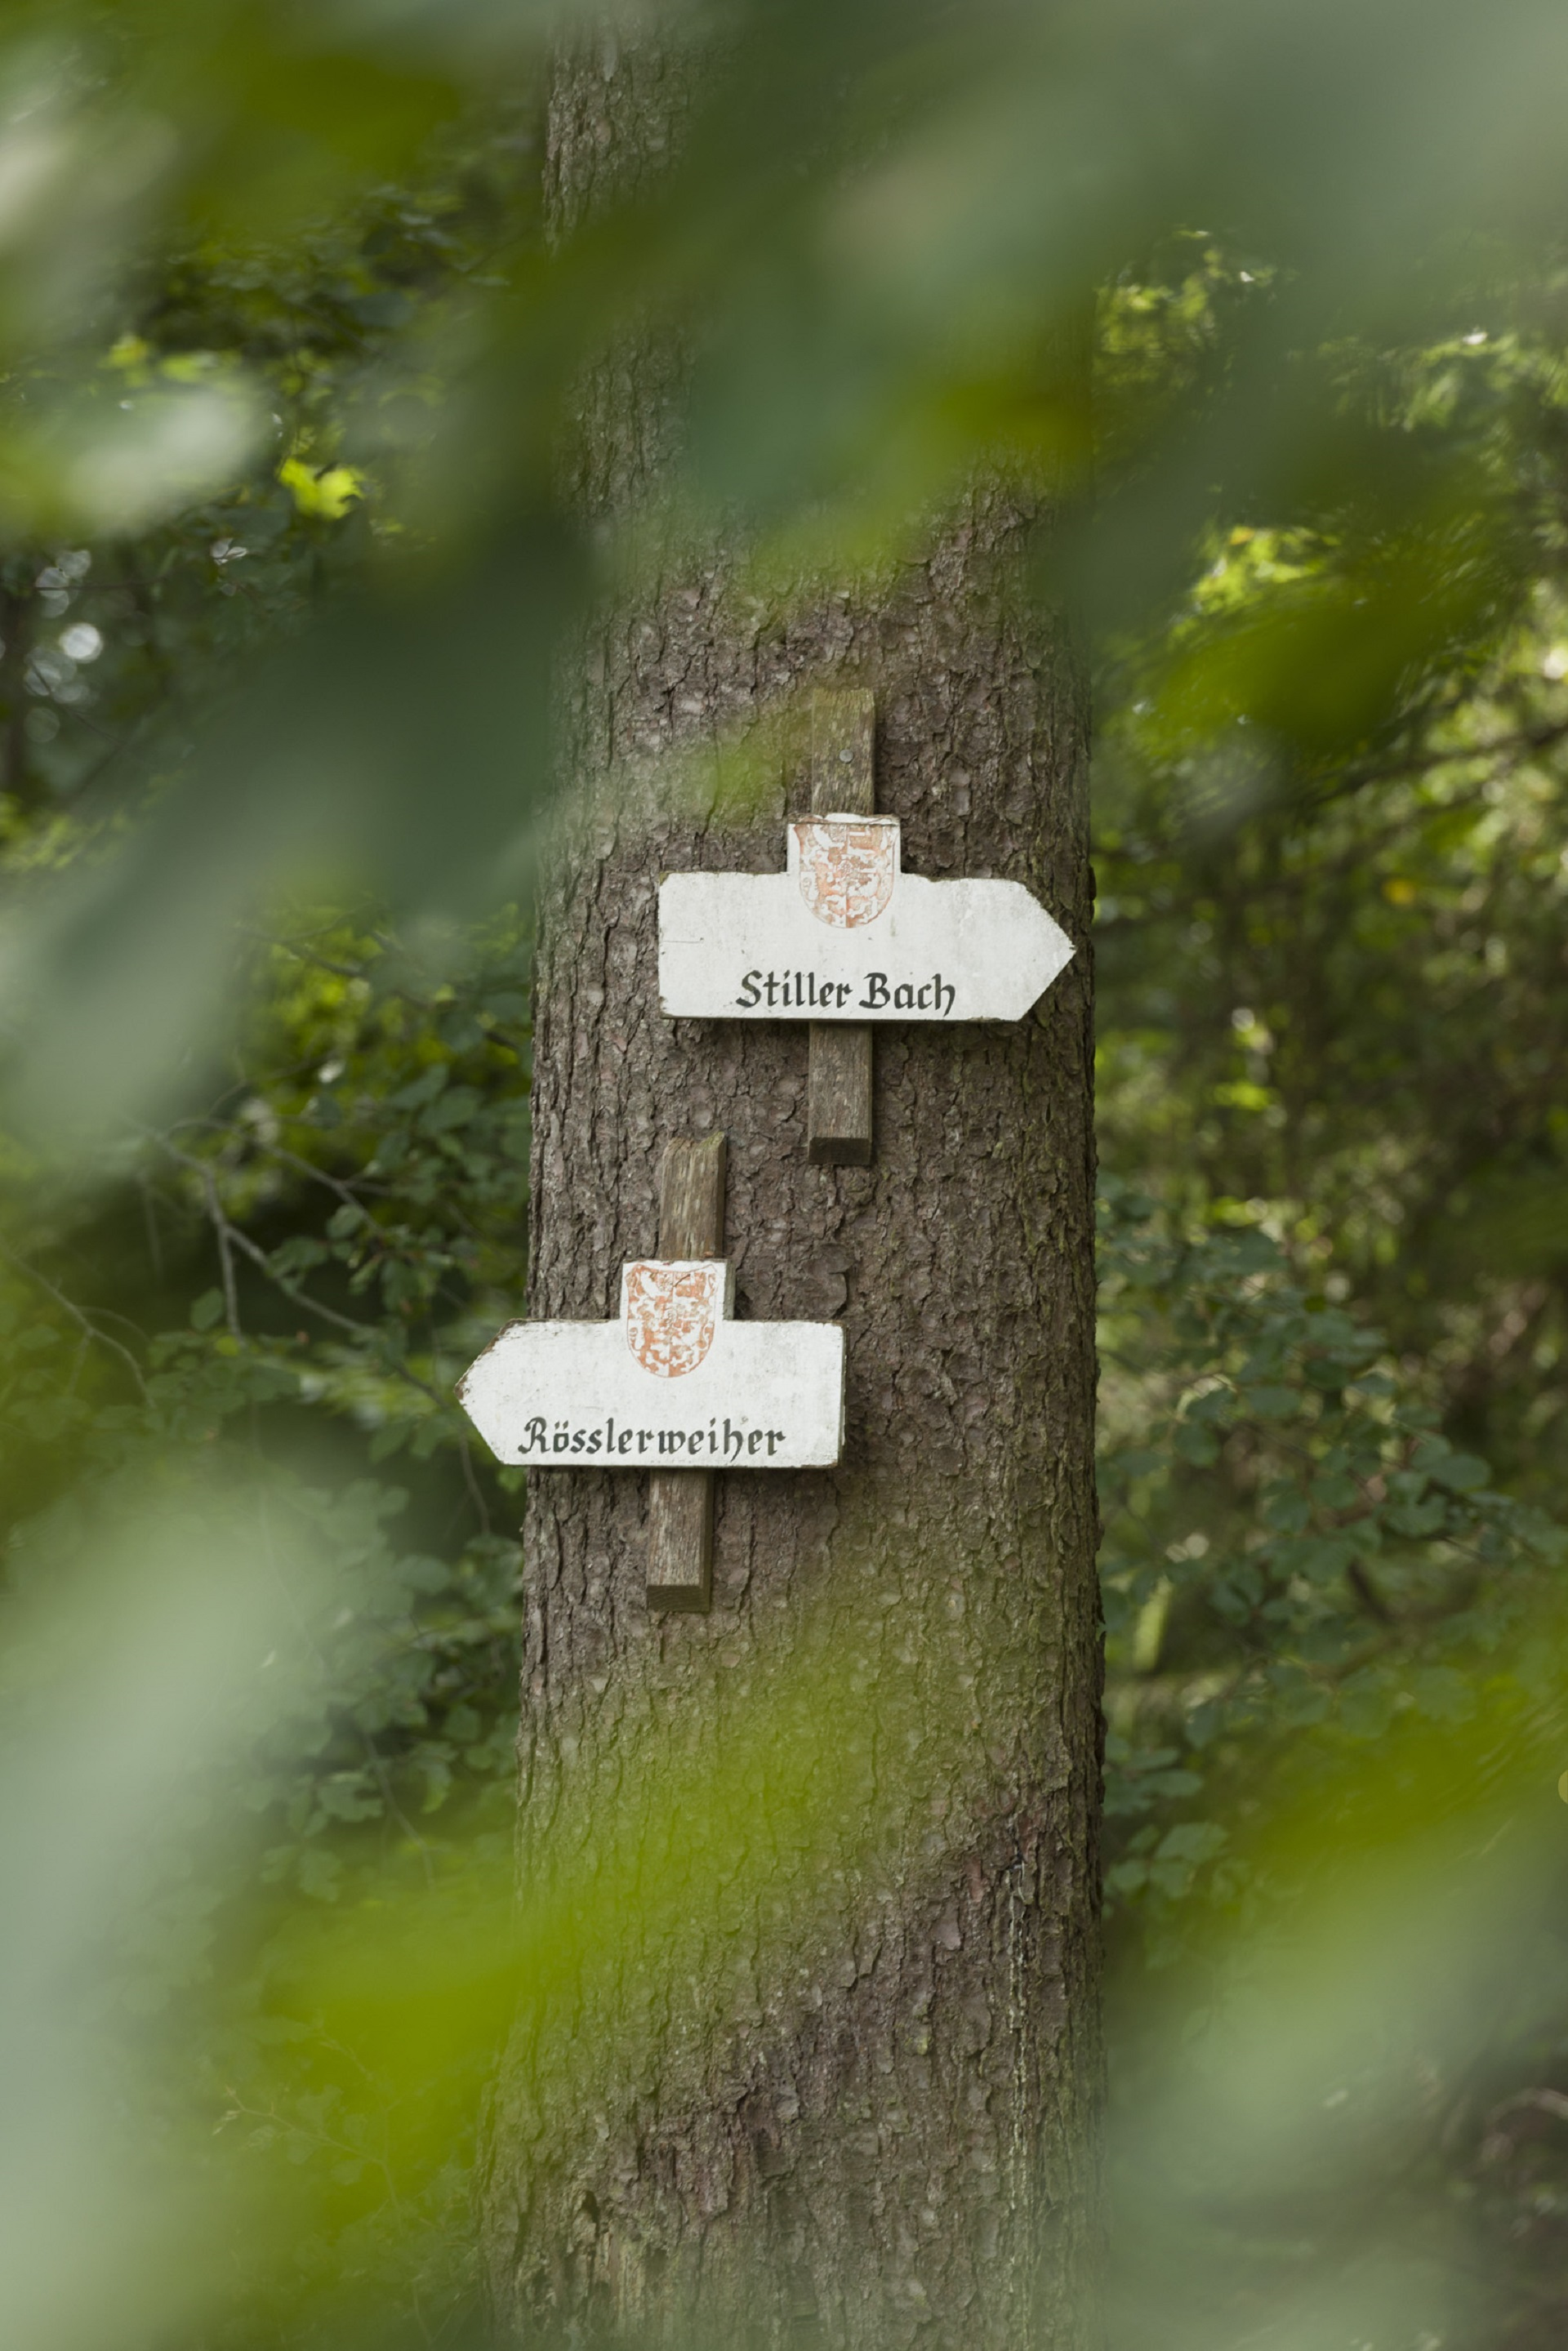 Hinweisschilder beim Stillen Bach in Weingarten